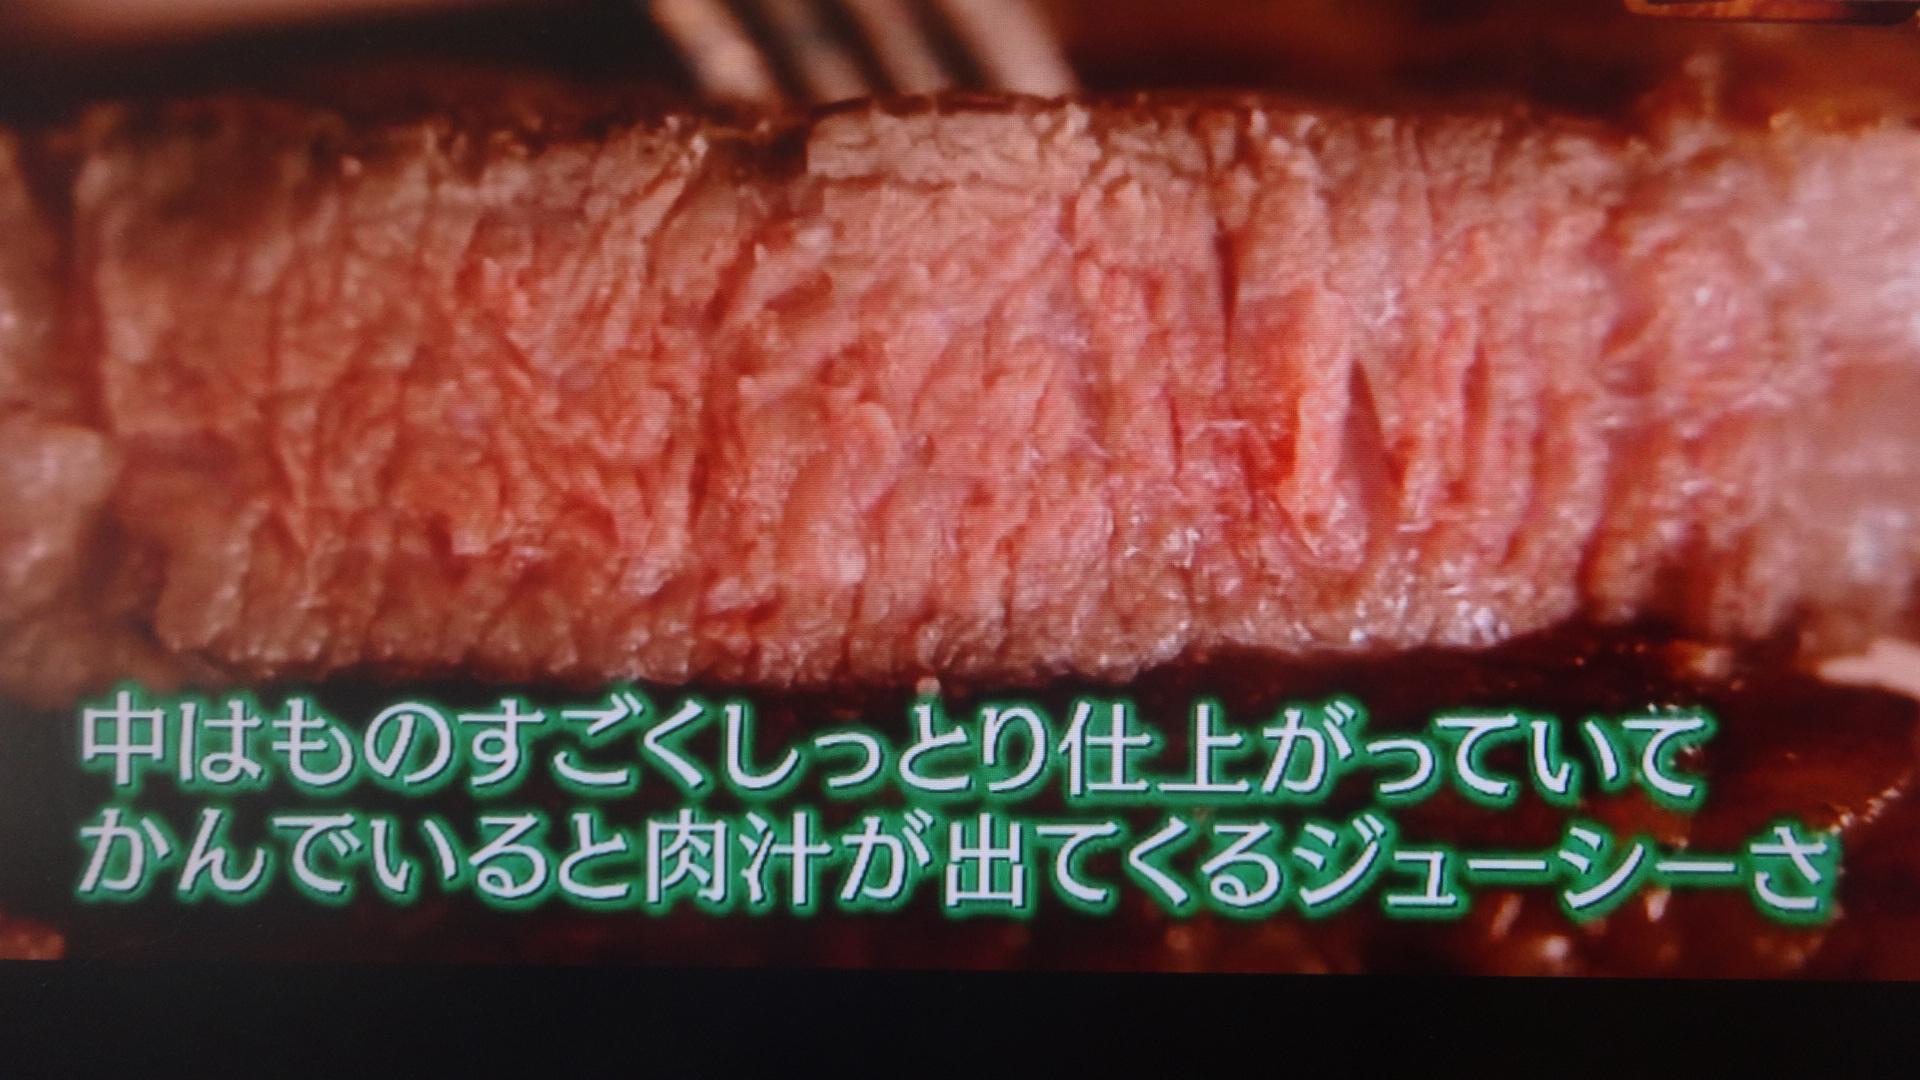 断面から肉汁が出ているとこと